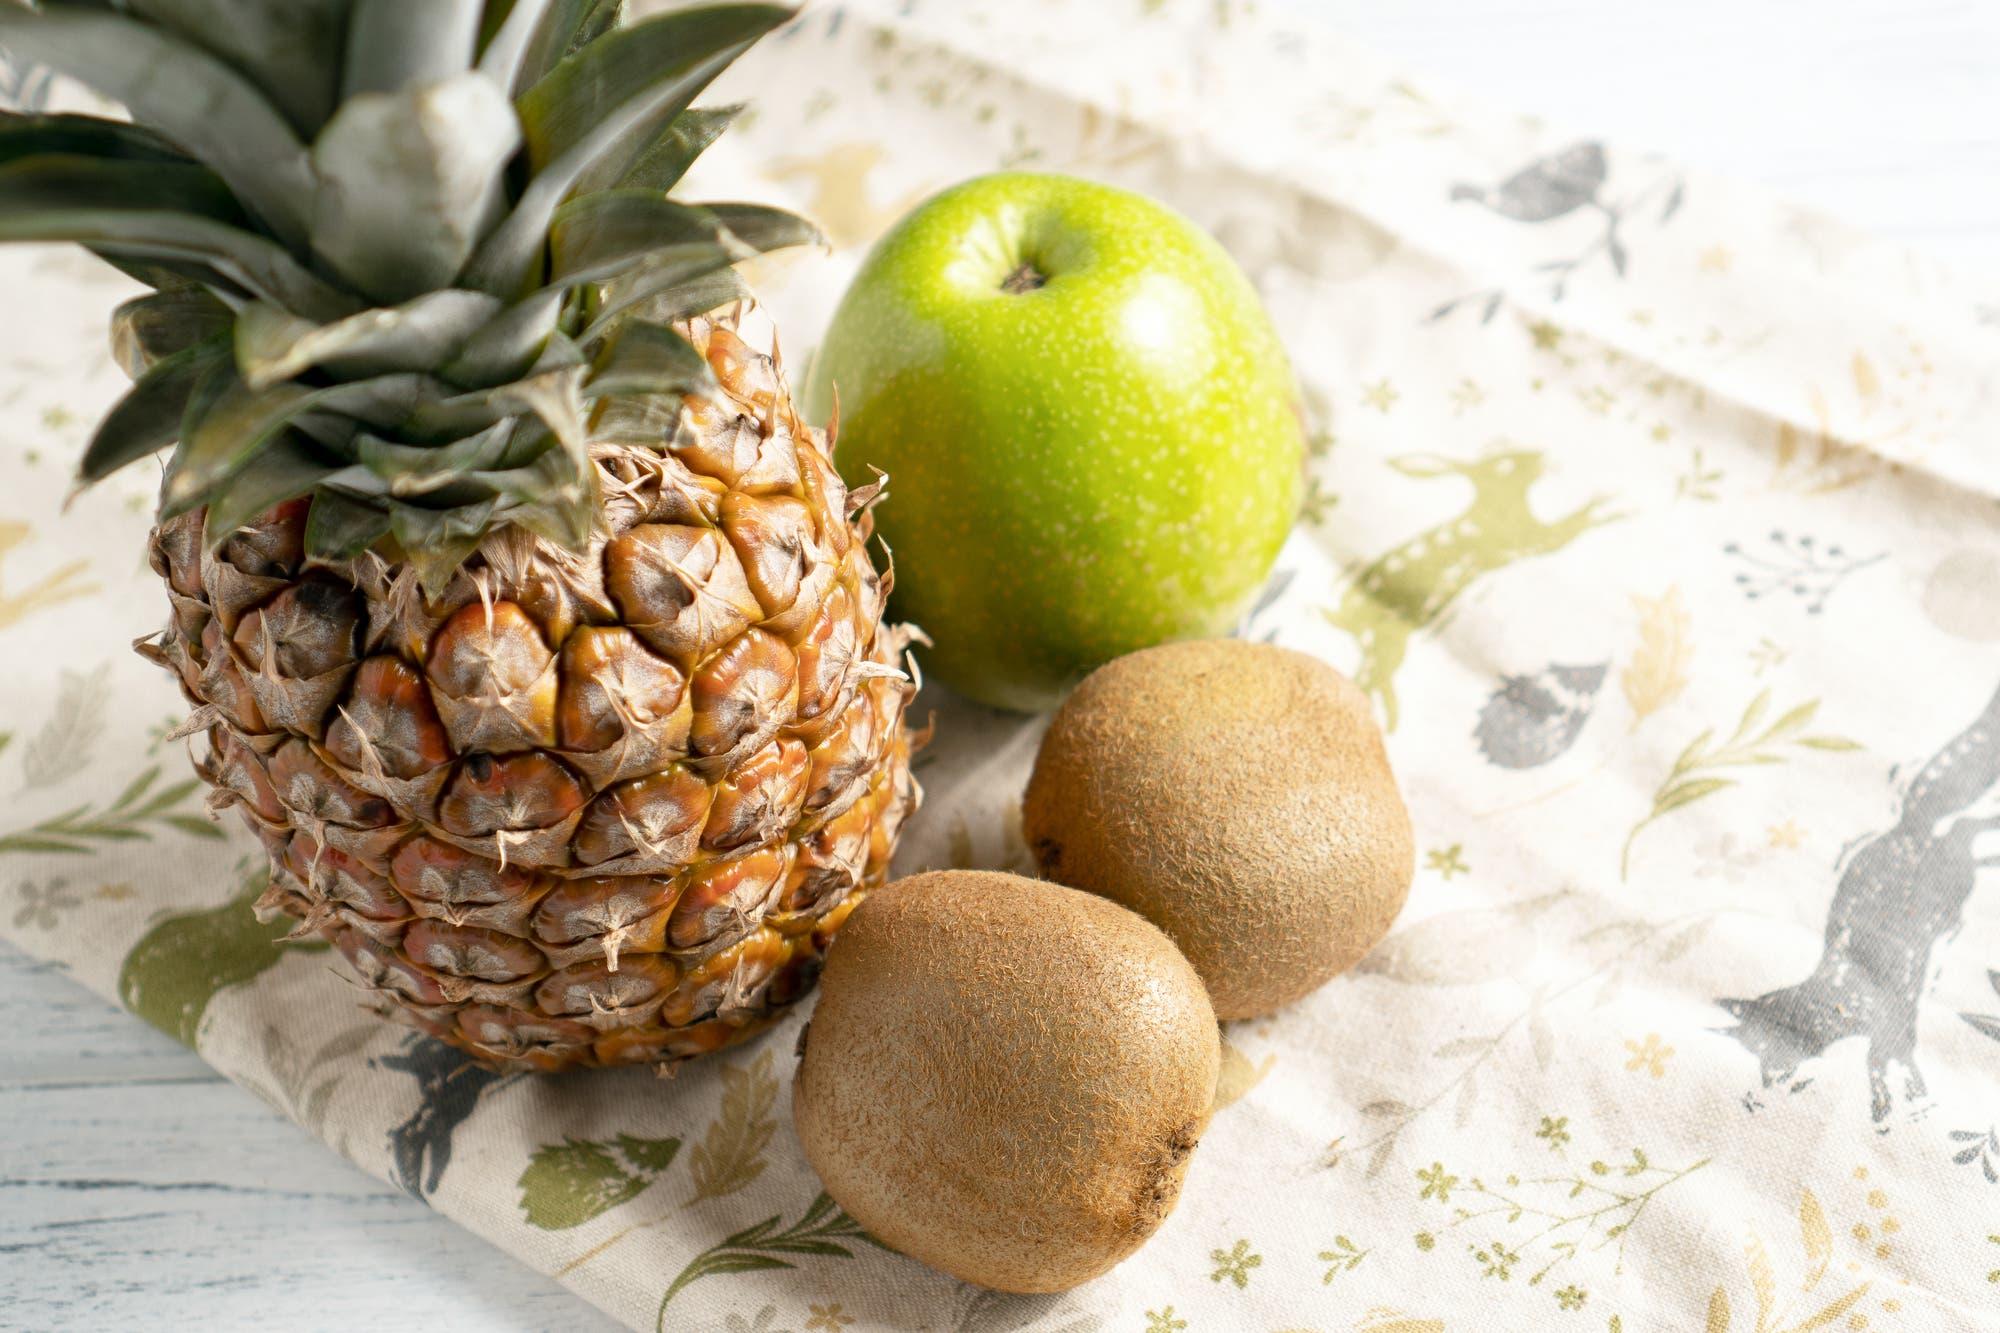 Microsoft desarrolló un mantel inteligente que reconoce comidas, frutas y objetos